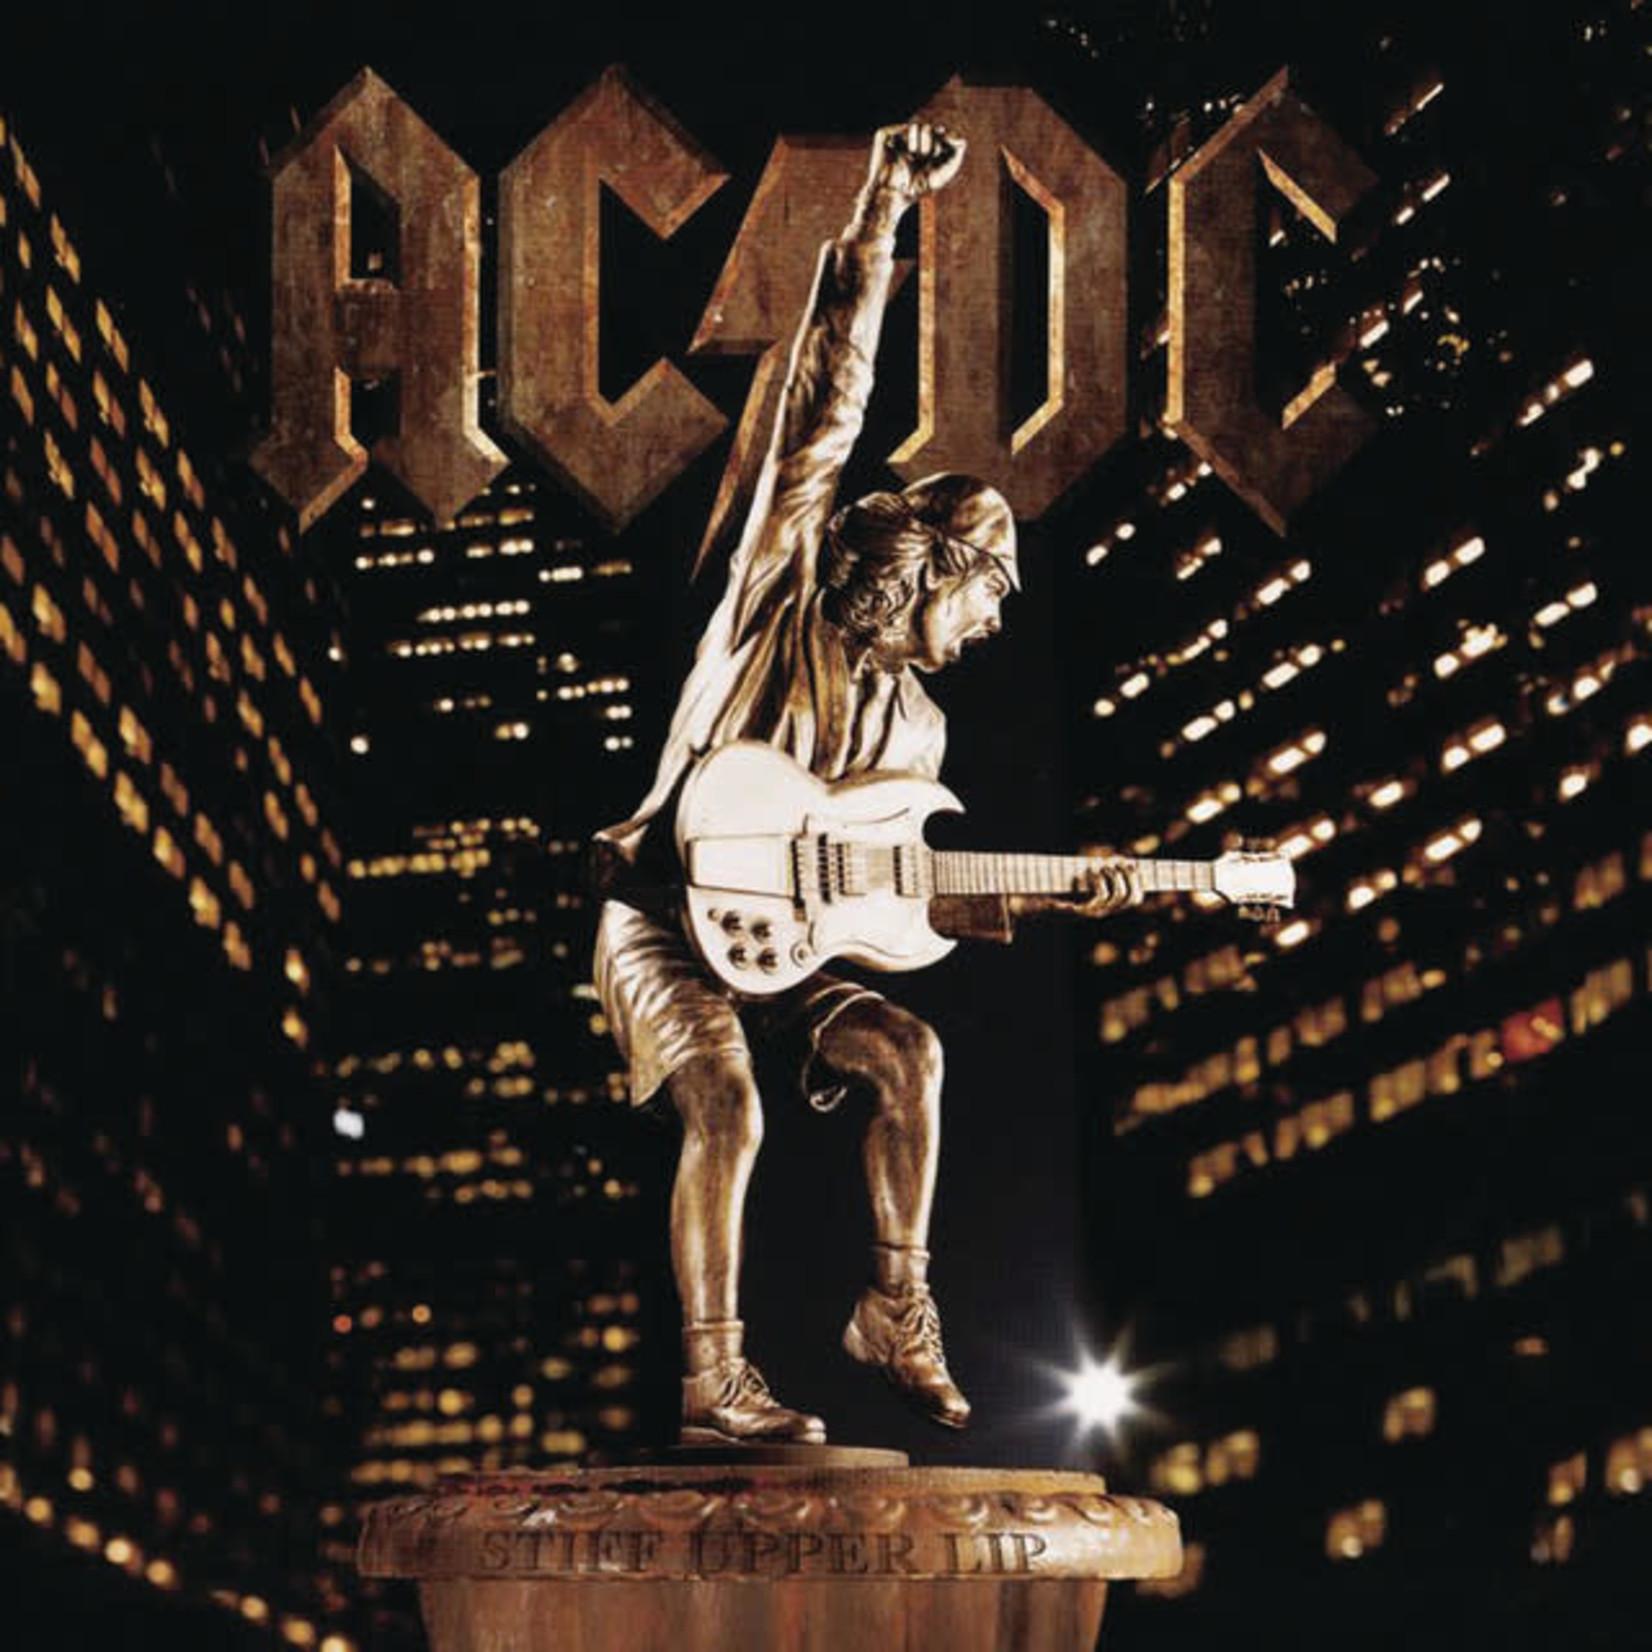 Vinyl AC/DC - Stiff Upper Lip